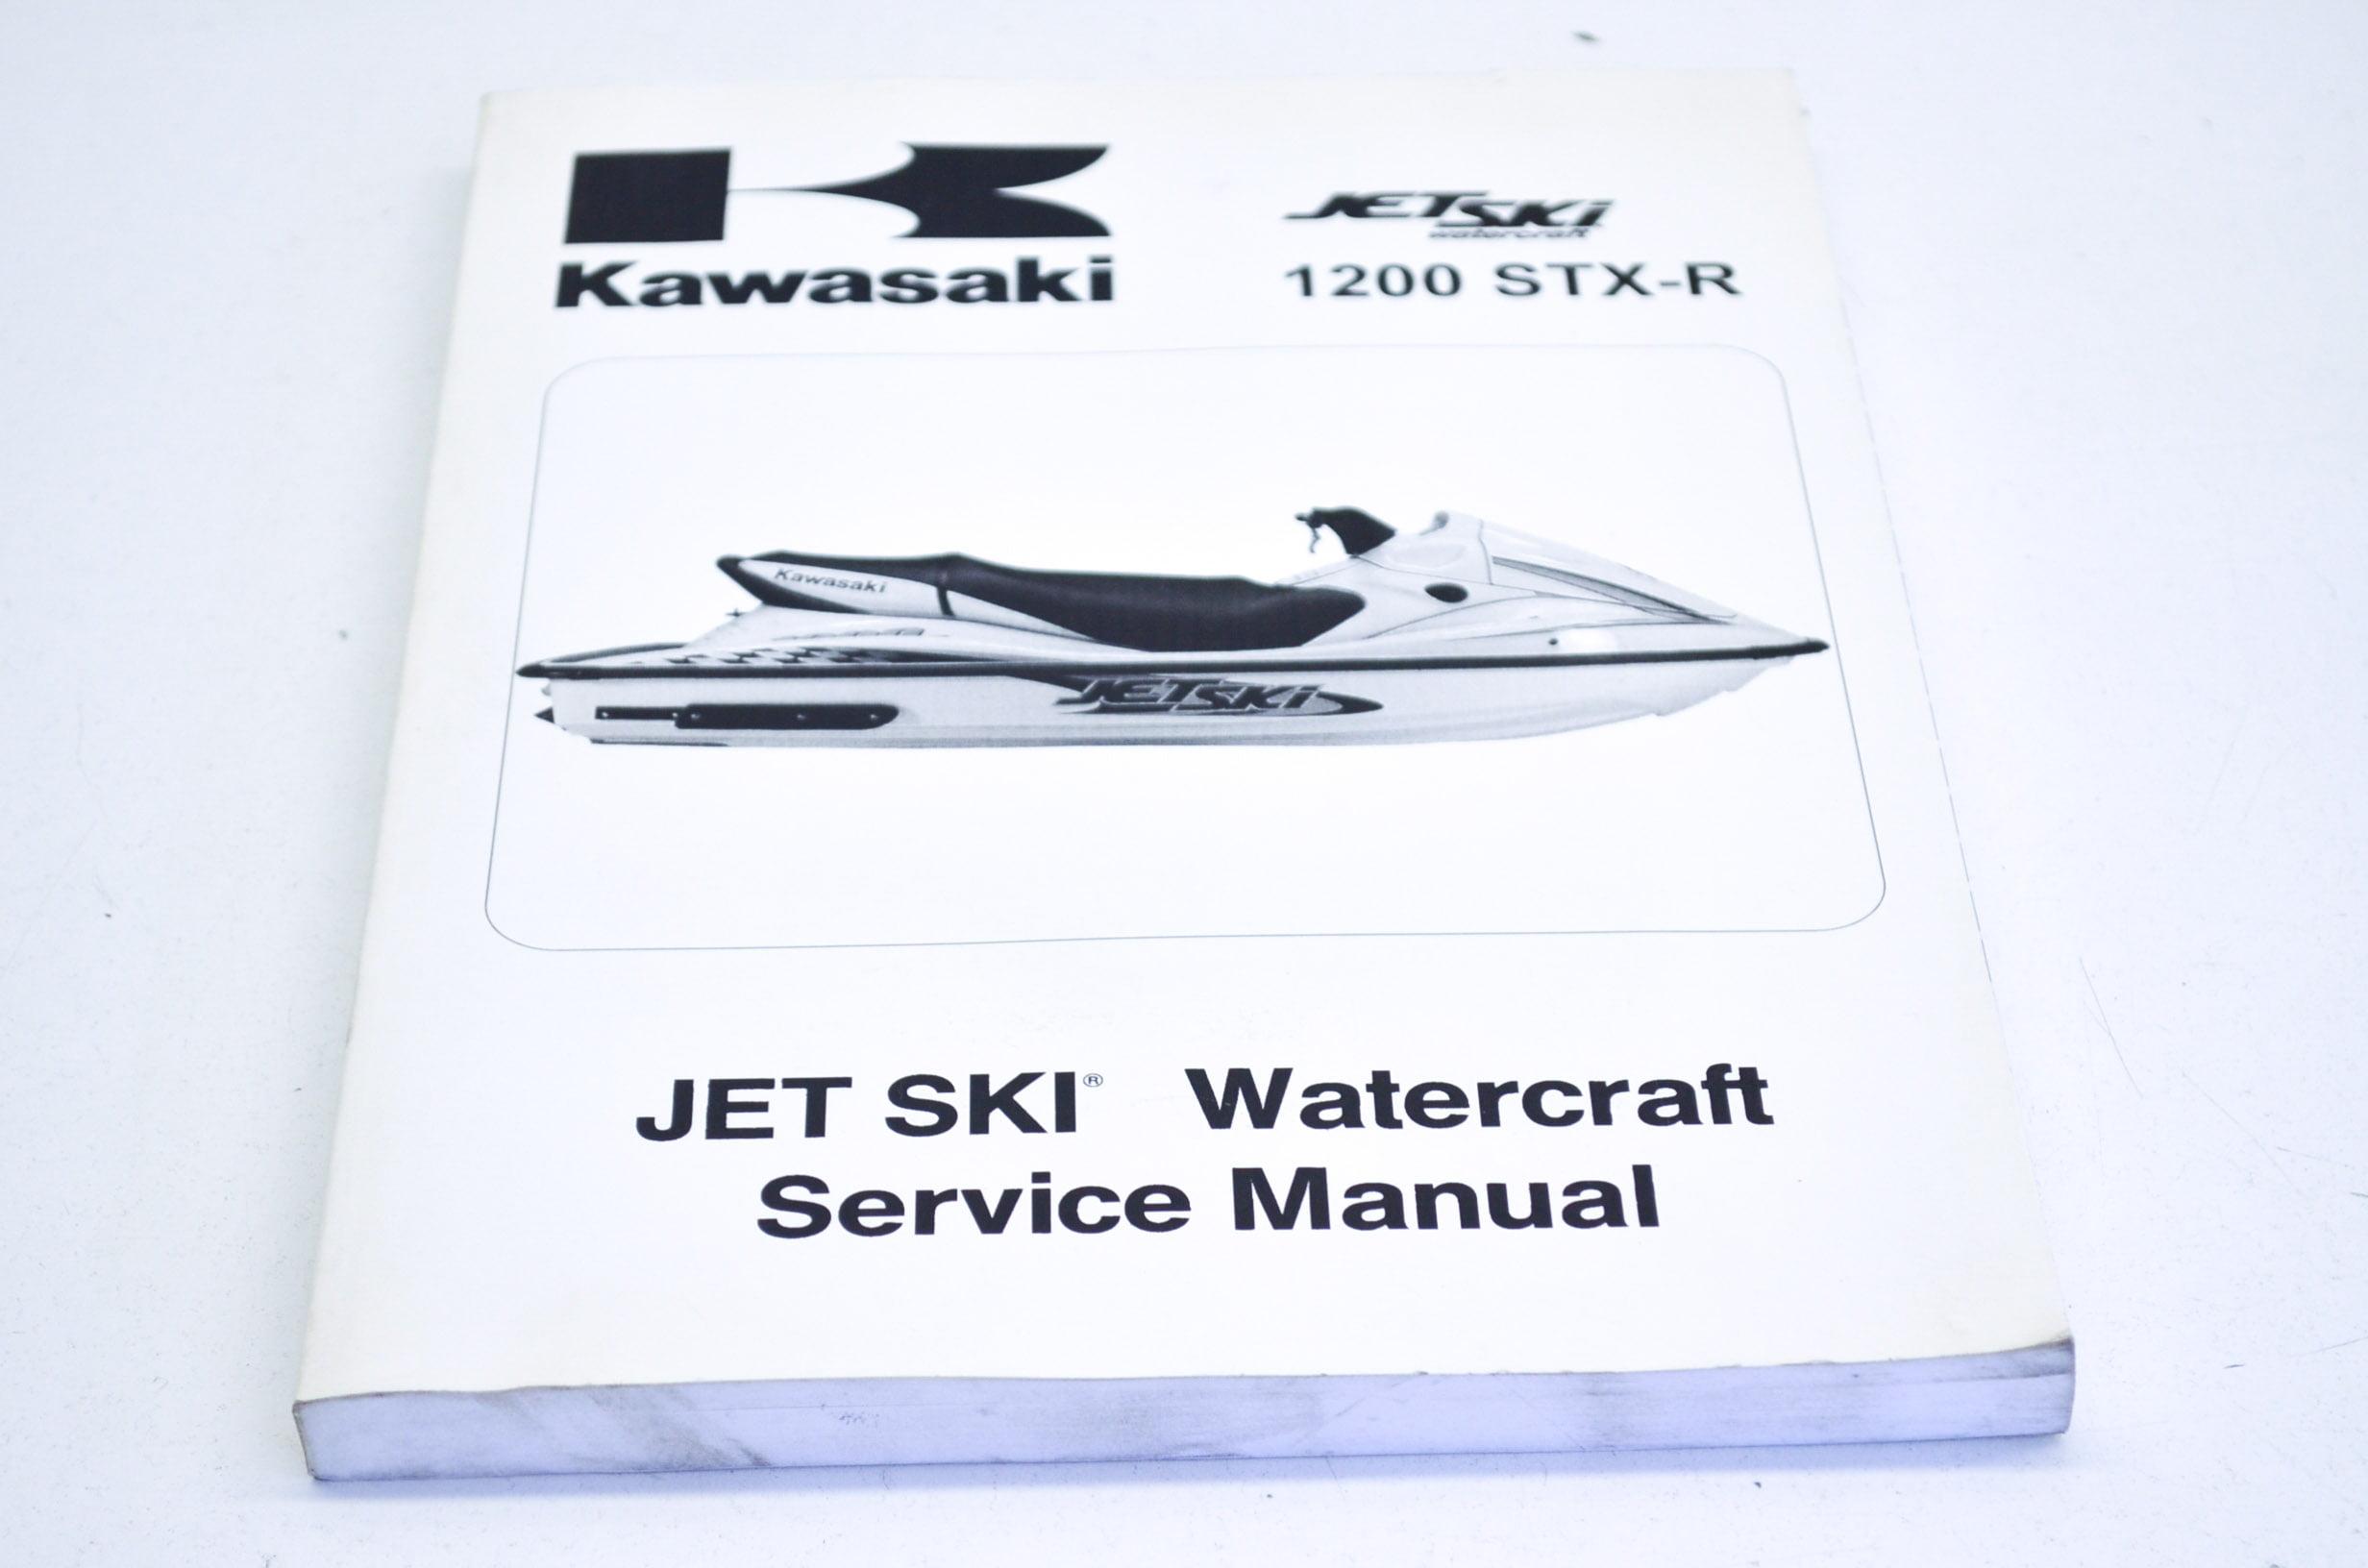 Kawasaki 99924-1287-02 2002-2003 1200 STX-R Jet Ski Watercraft QTY 1 -  Walmart.com